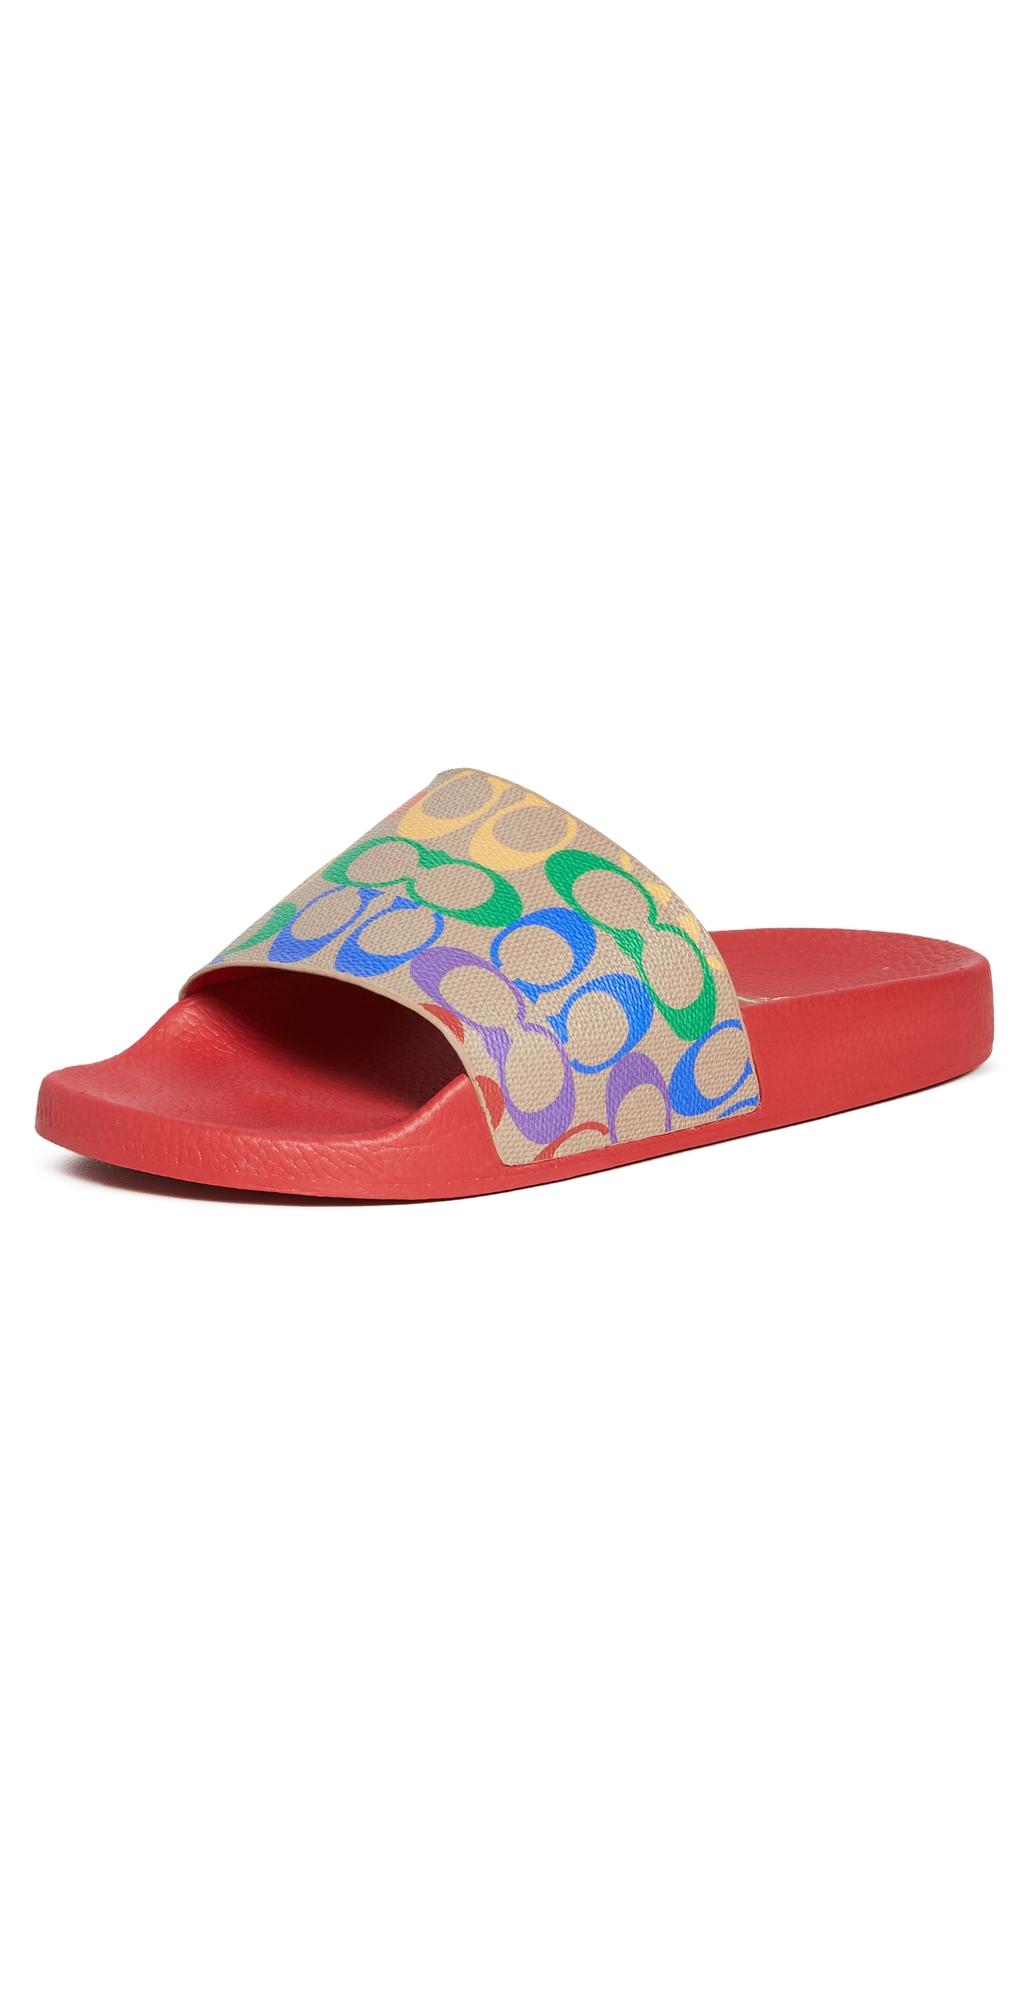 Rainbow Pool Slides